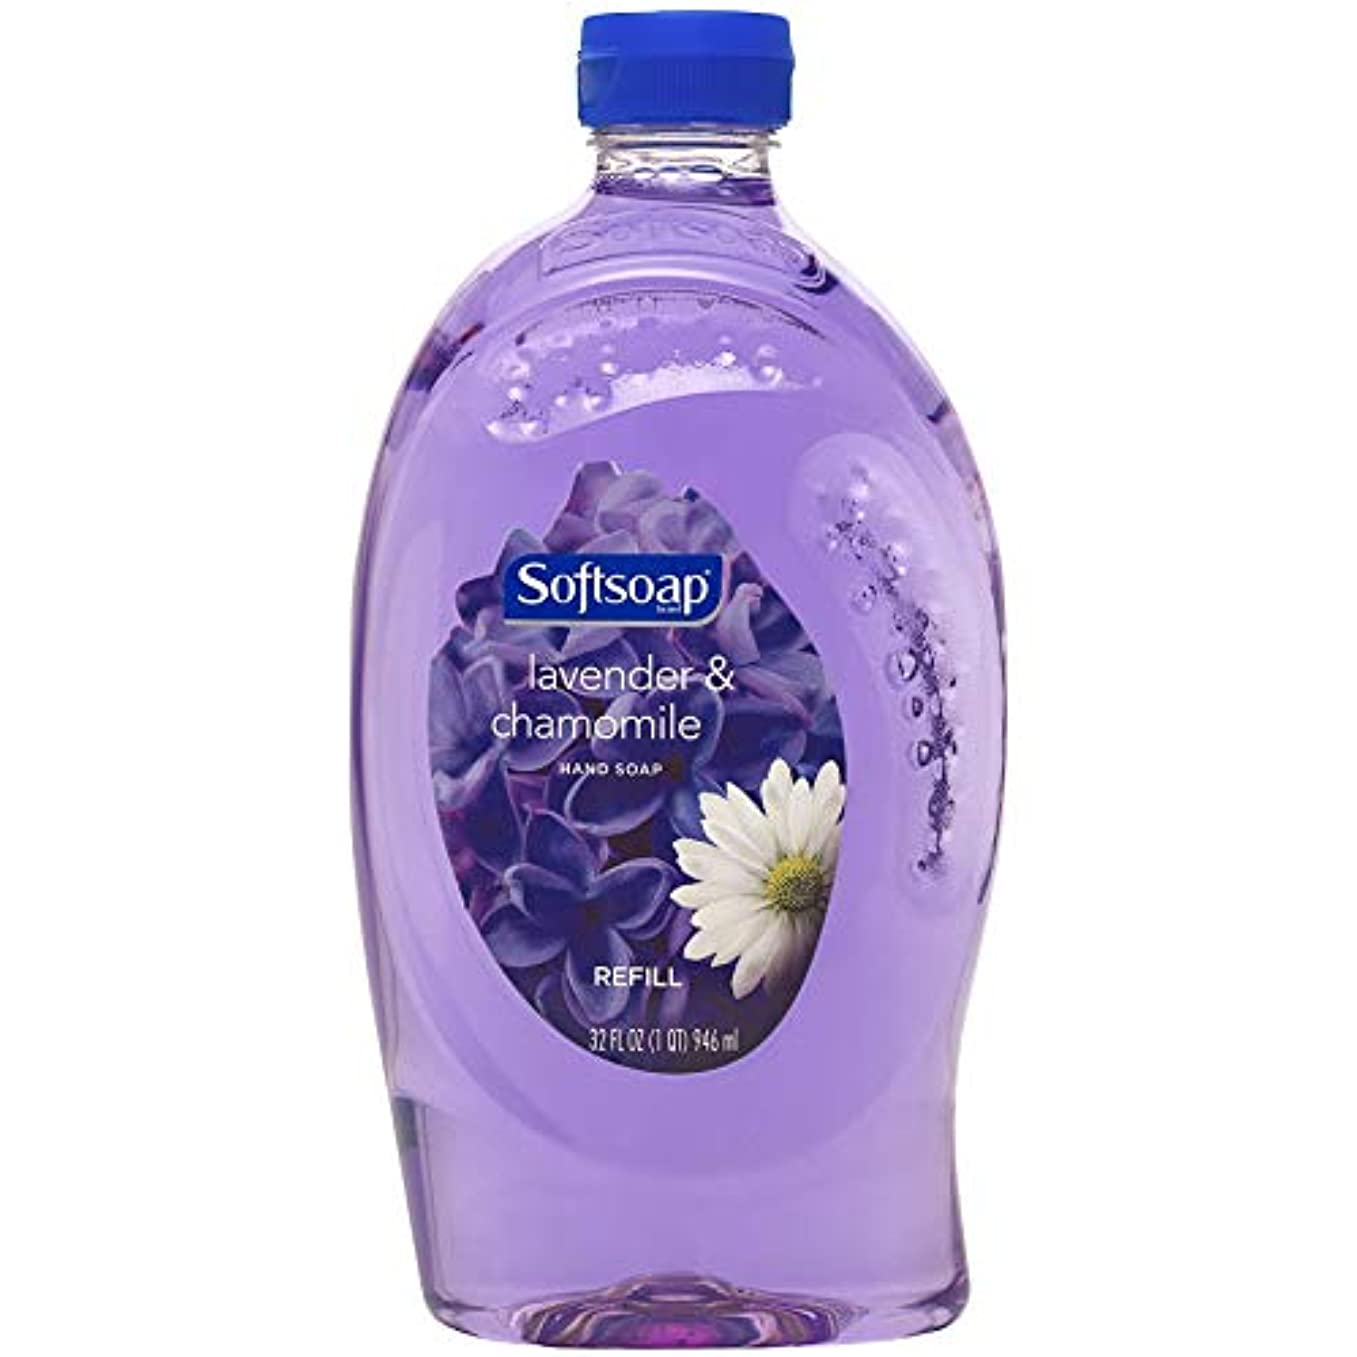 ずんぐりした地殻運ぶSoftsoap Lavender and Chamomile - Liquid Hand Soap Refill, 32 Ounce by Softsoap